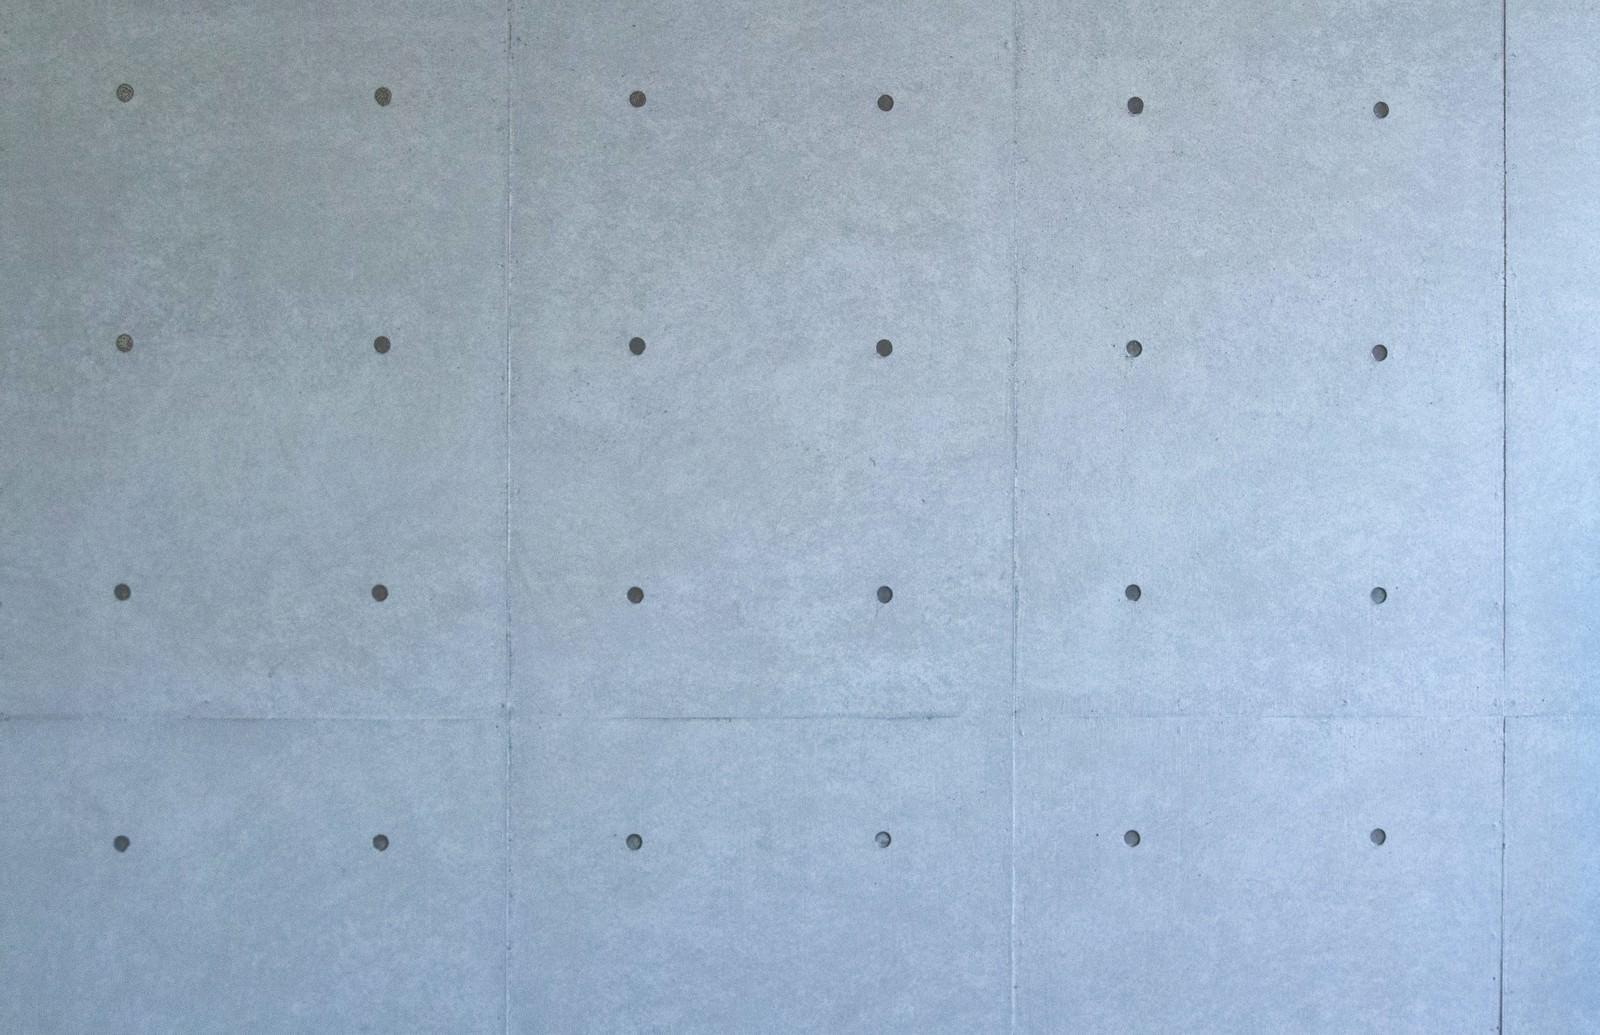 「打ちっぱなしのコンクリート」の写真